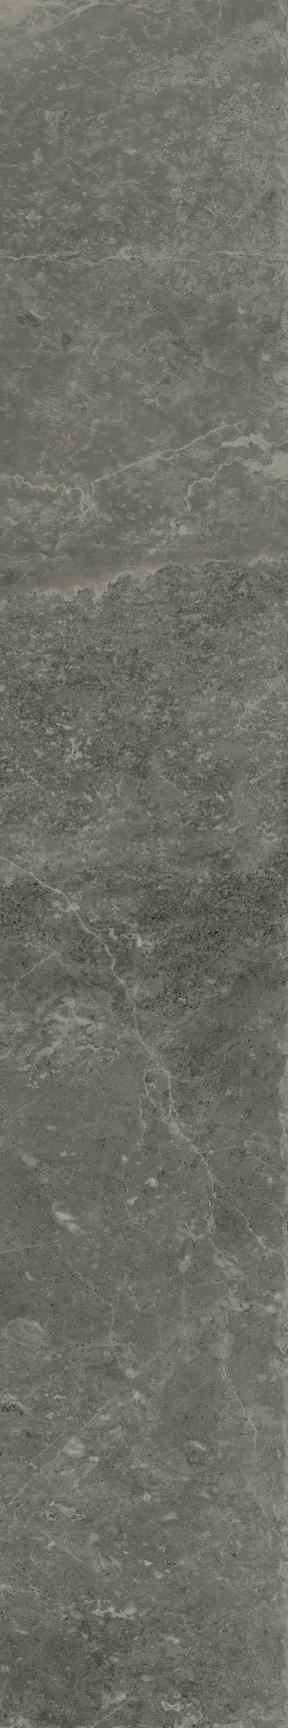 Salon Floor/Wall Tile 8x48